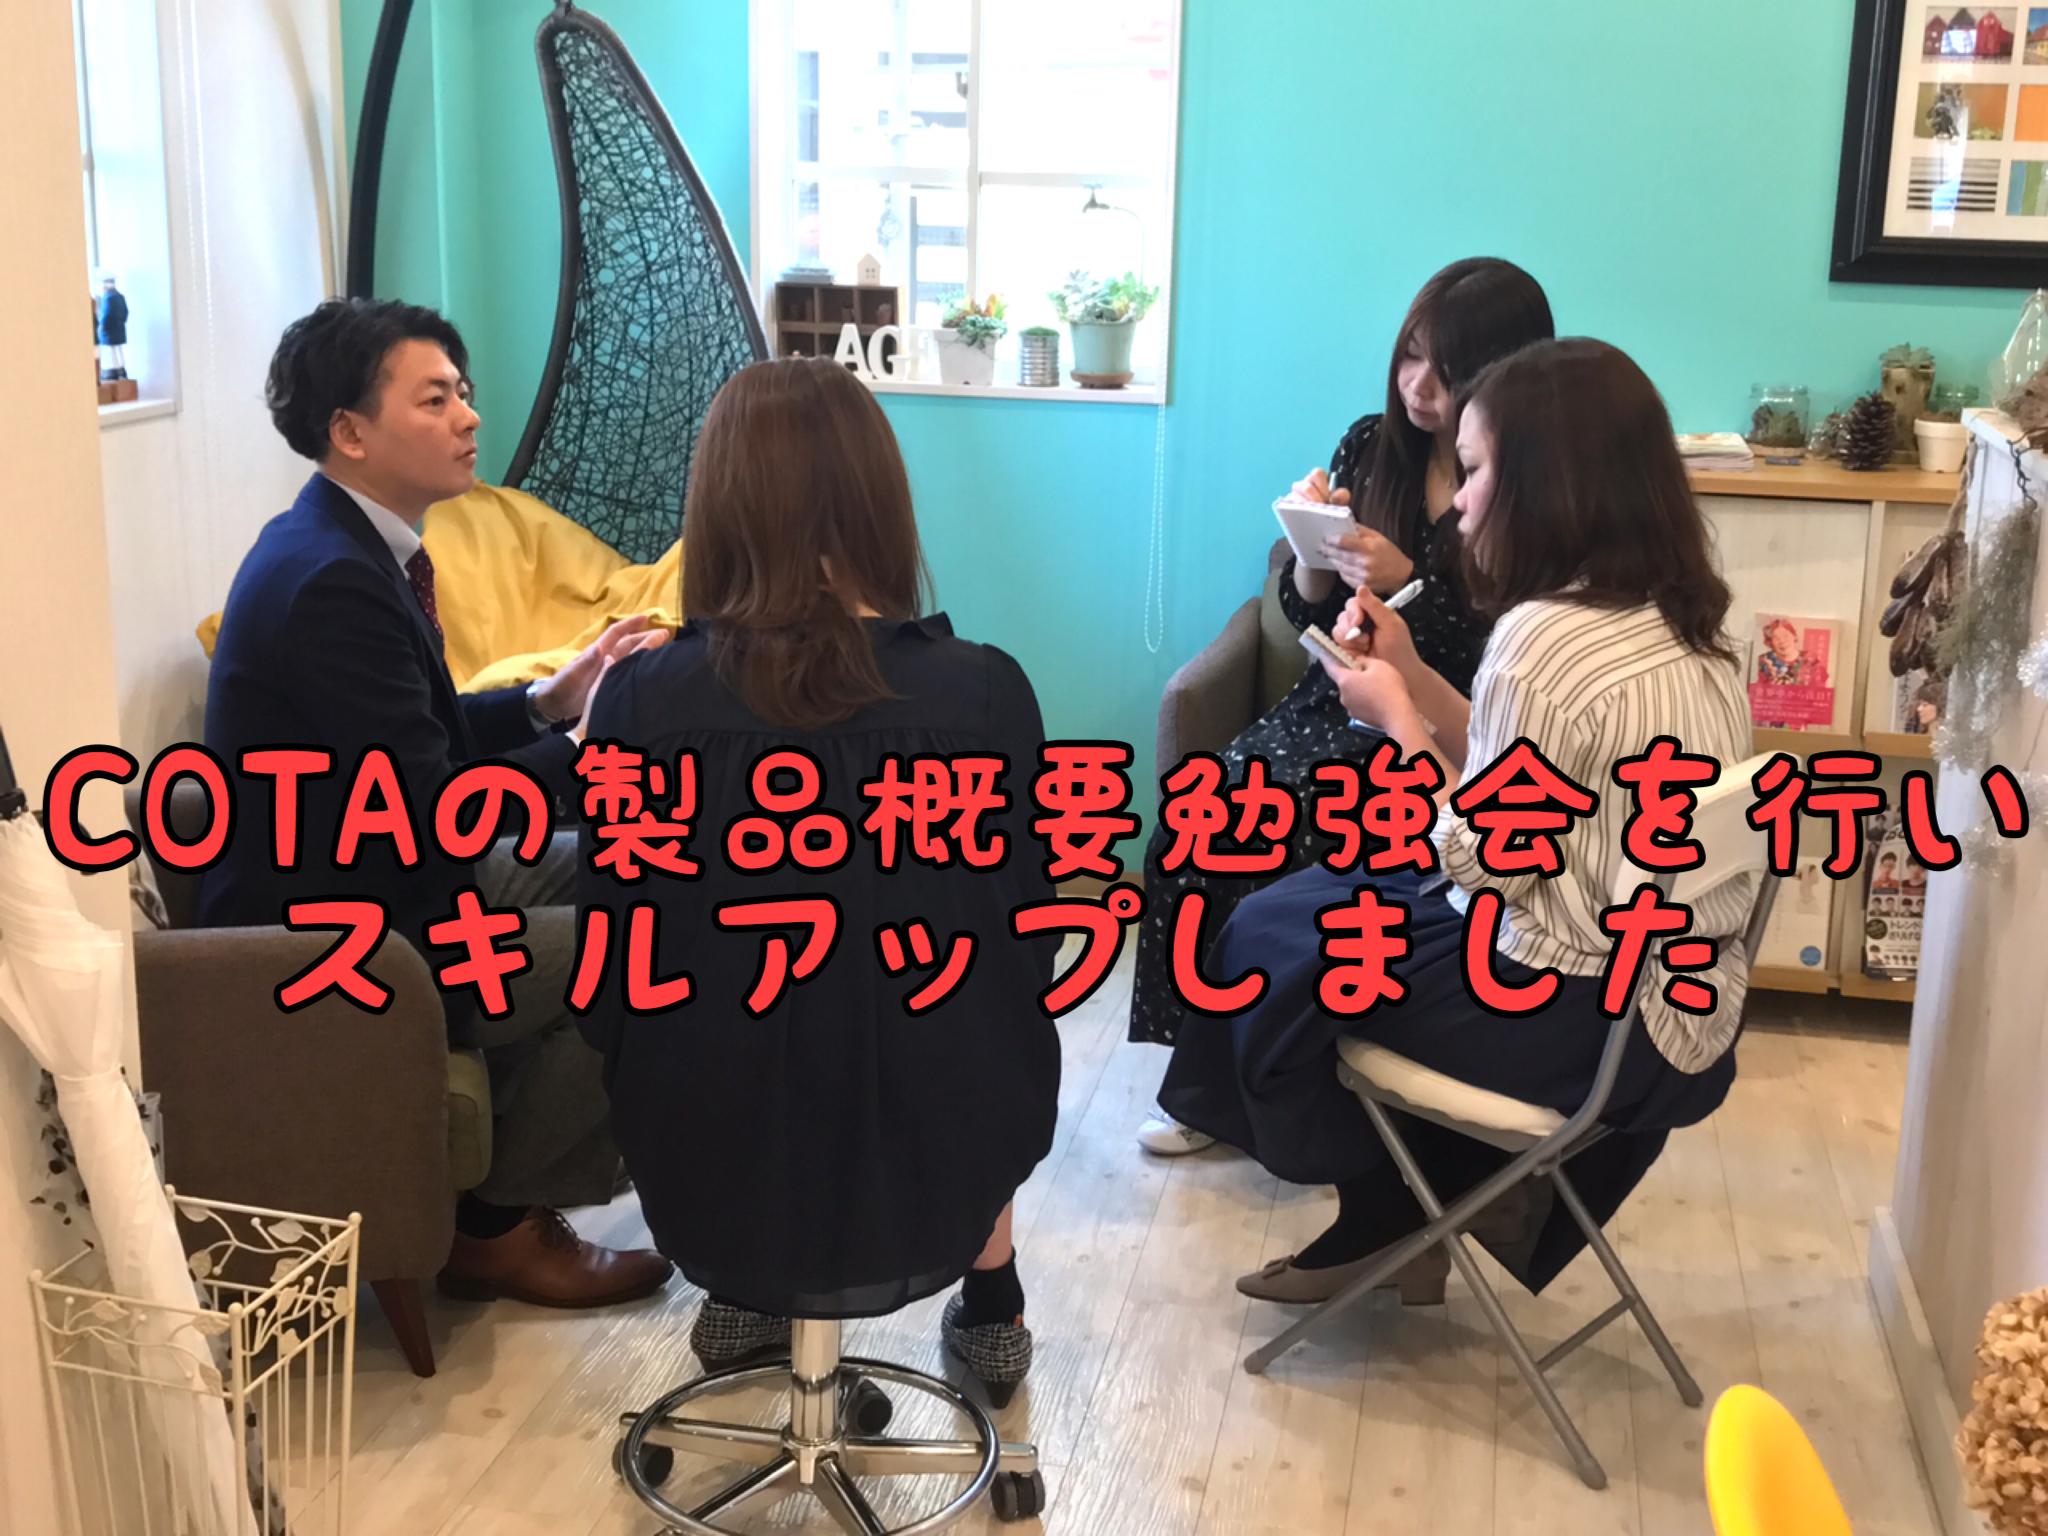 【勉強会】ニュースタッフ向けにCOTAの勉強会を開催しました